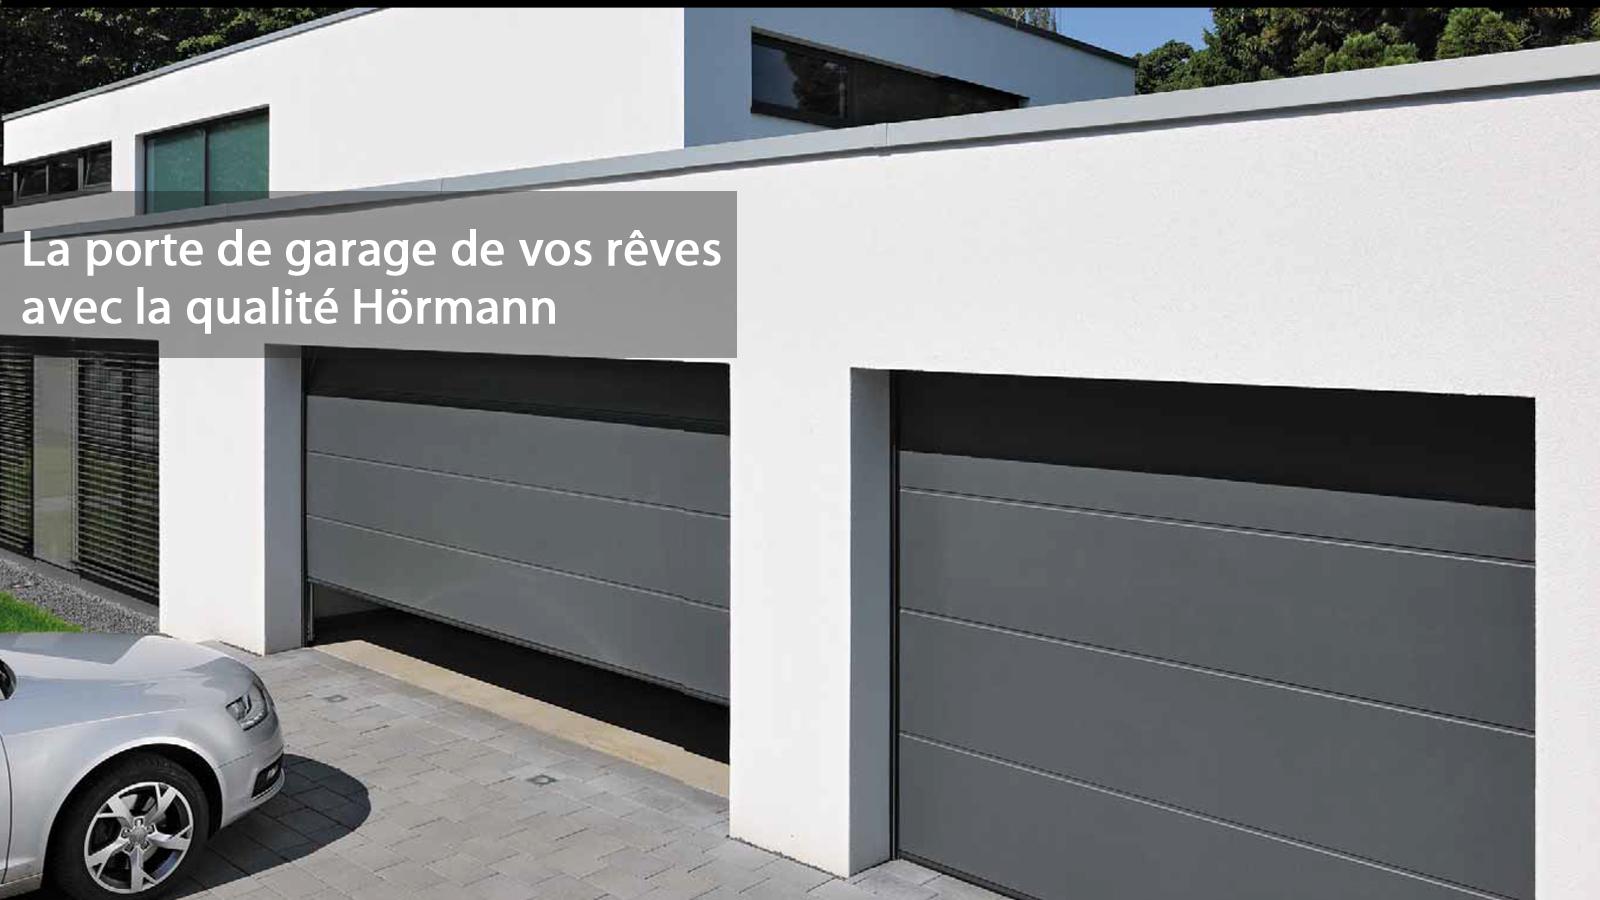 Porte de garage hormann garantie voiture moto et auto for Achat porte de garage hormann